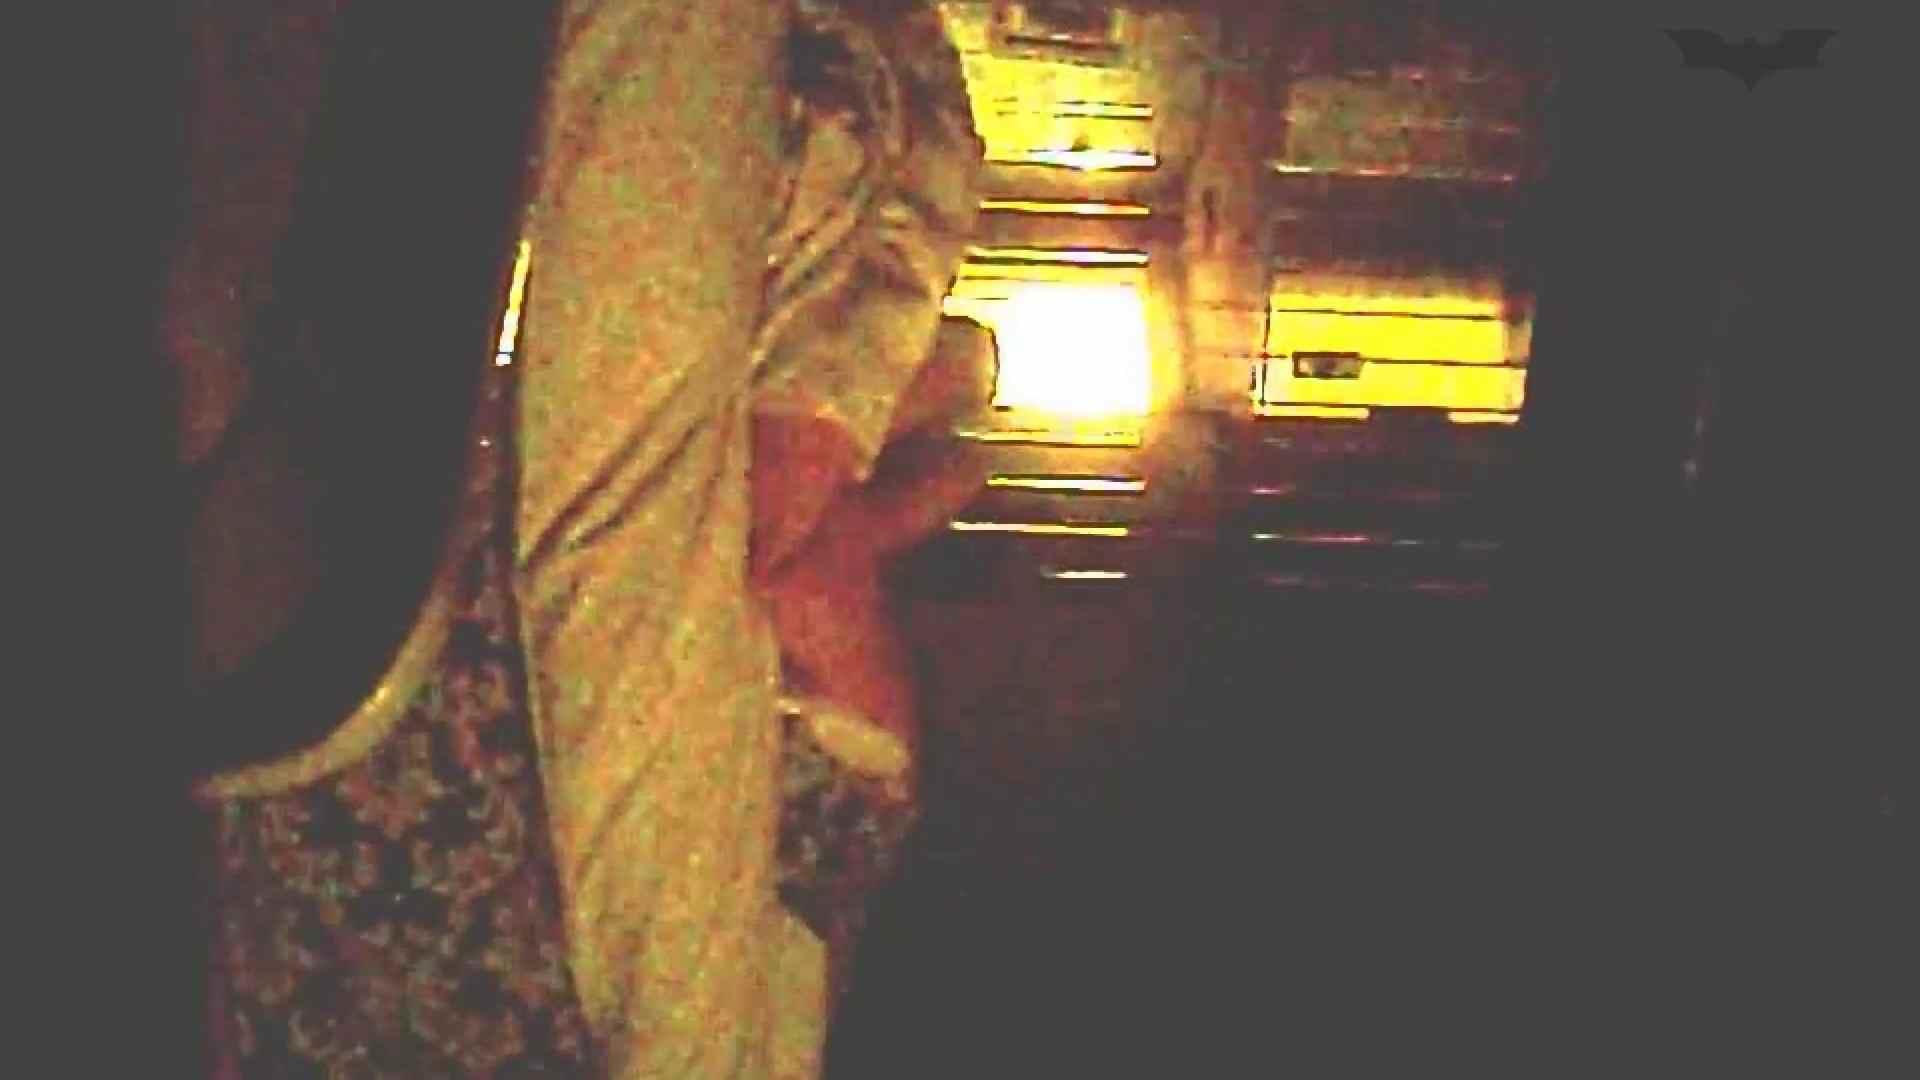 ▲2017_13位▲ 学園アイドル美人女子大生❷(下巻)5人詰合せVol.50 ビッチな女子大生 ヌード画像 111枚 10